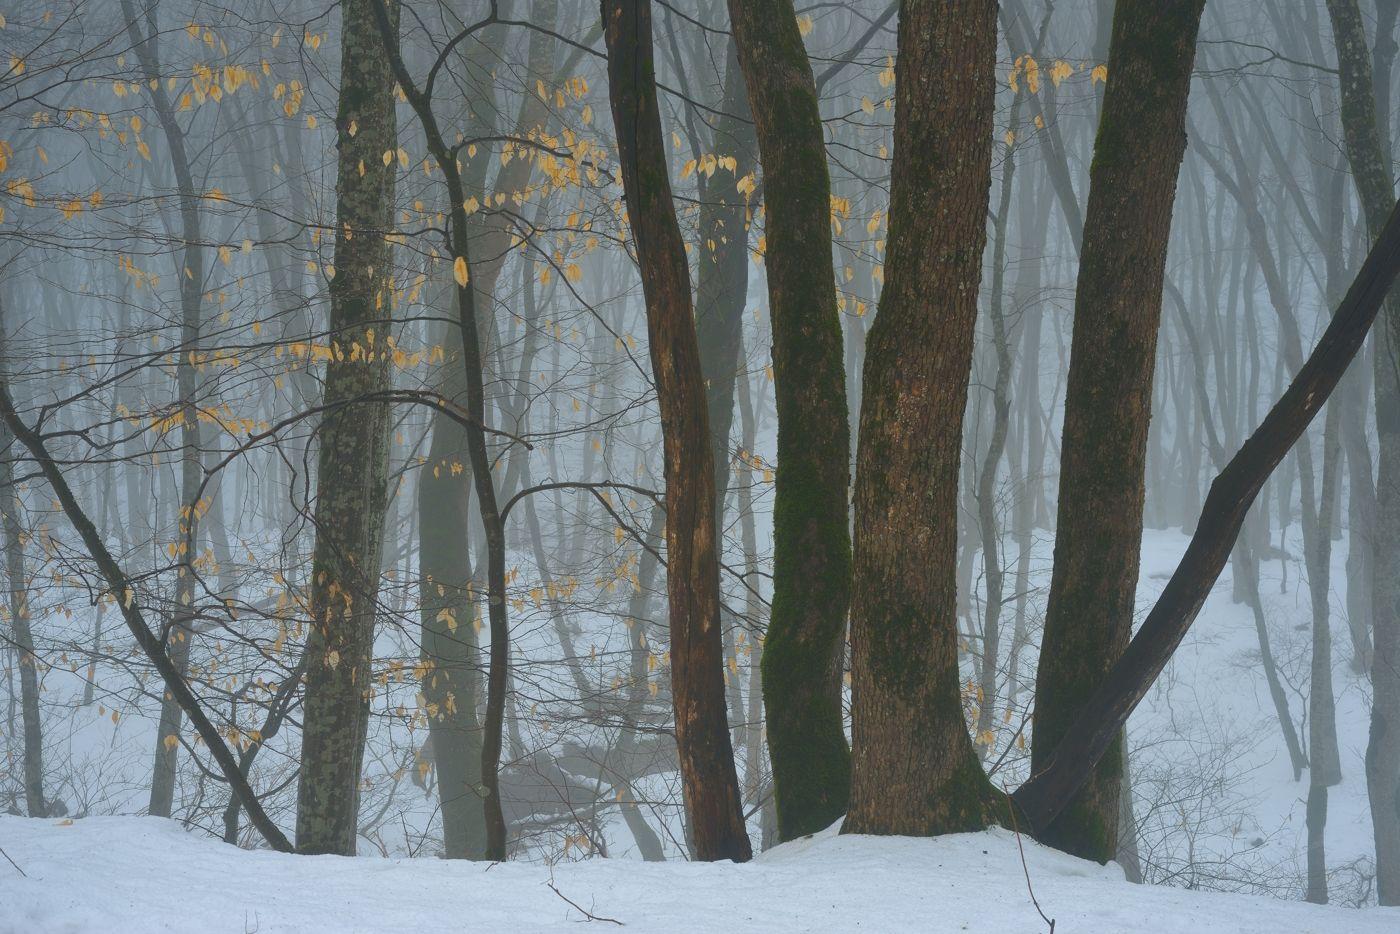 Зимний лес зима лес снег дерево туман листва